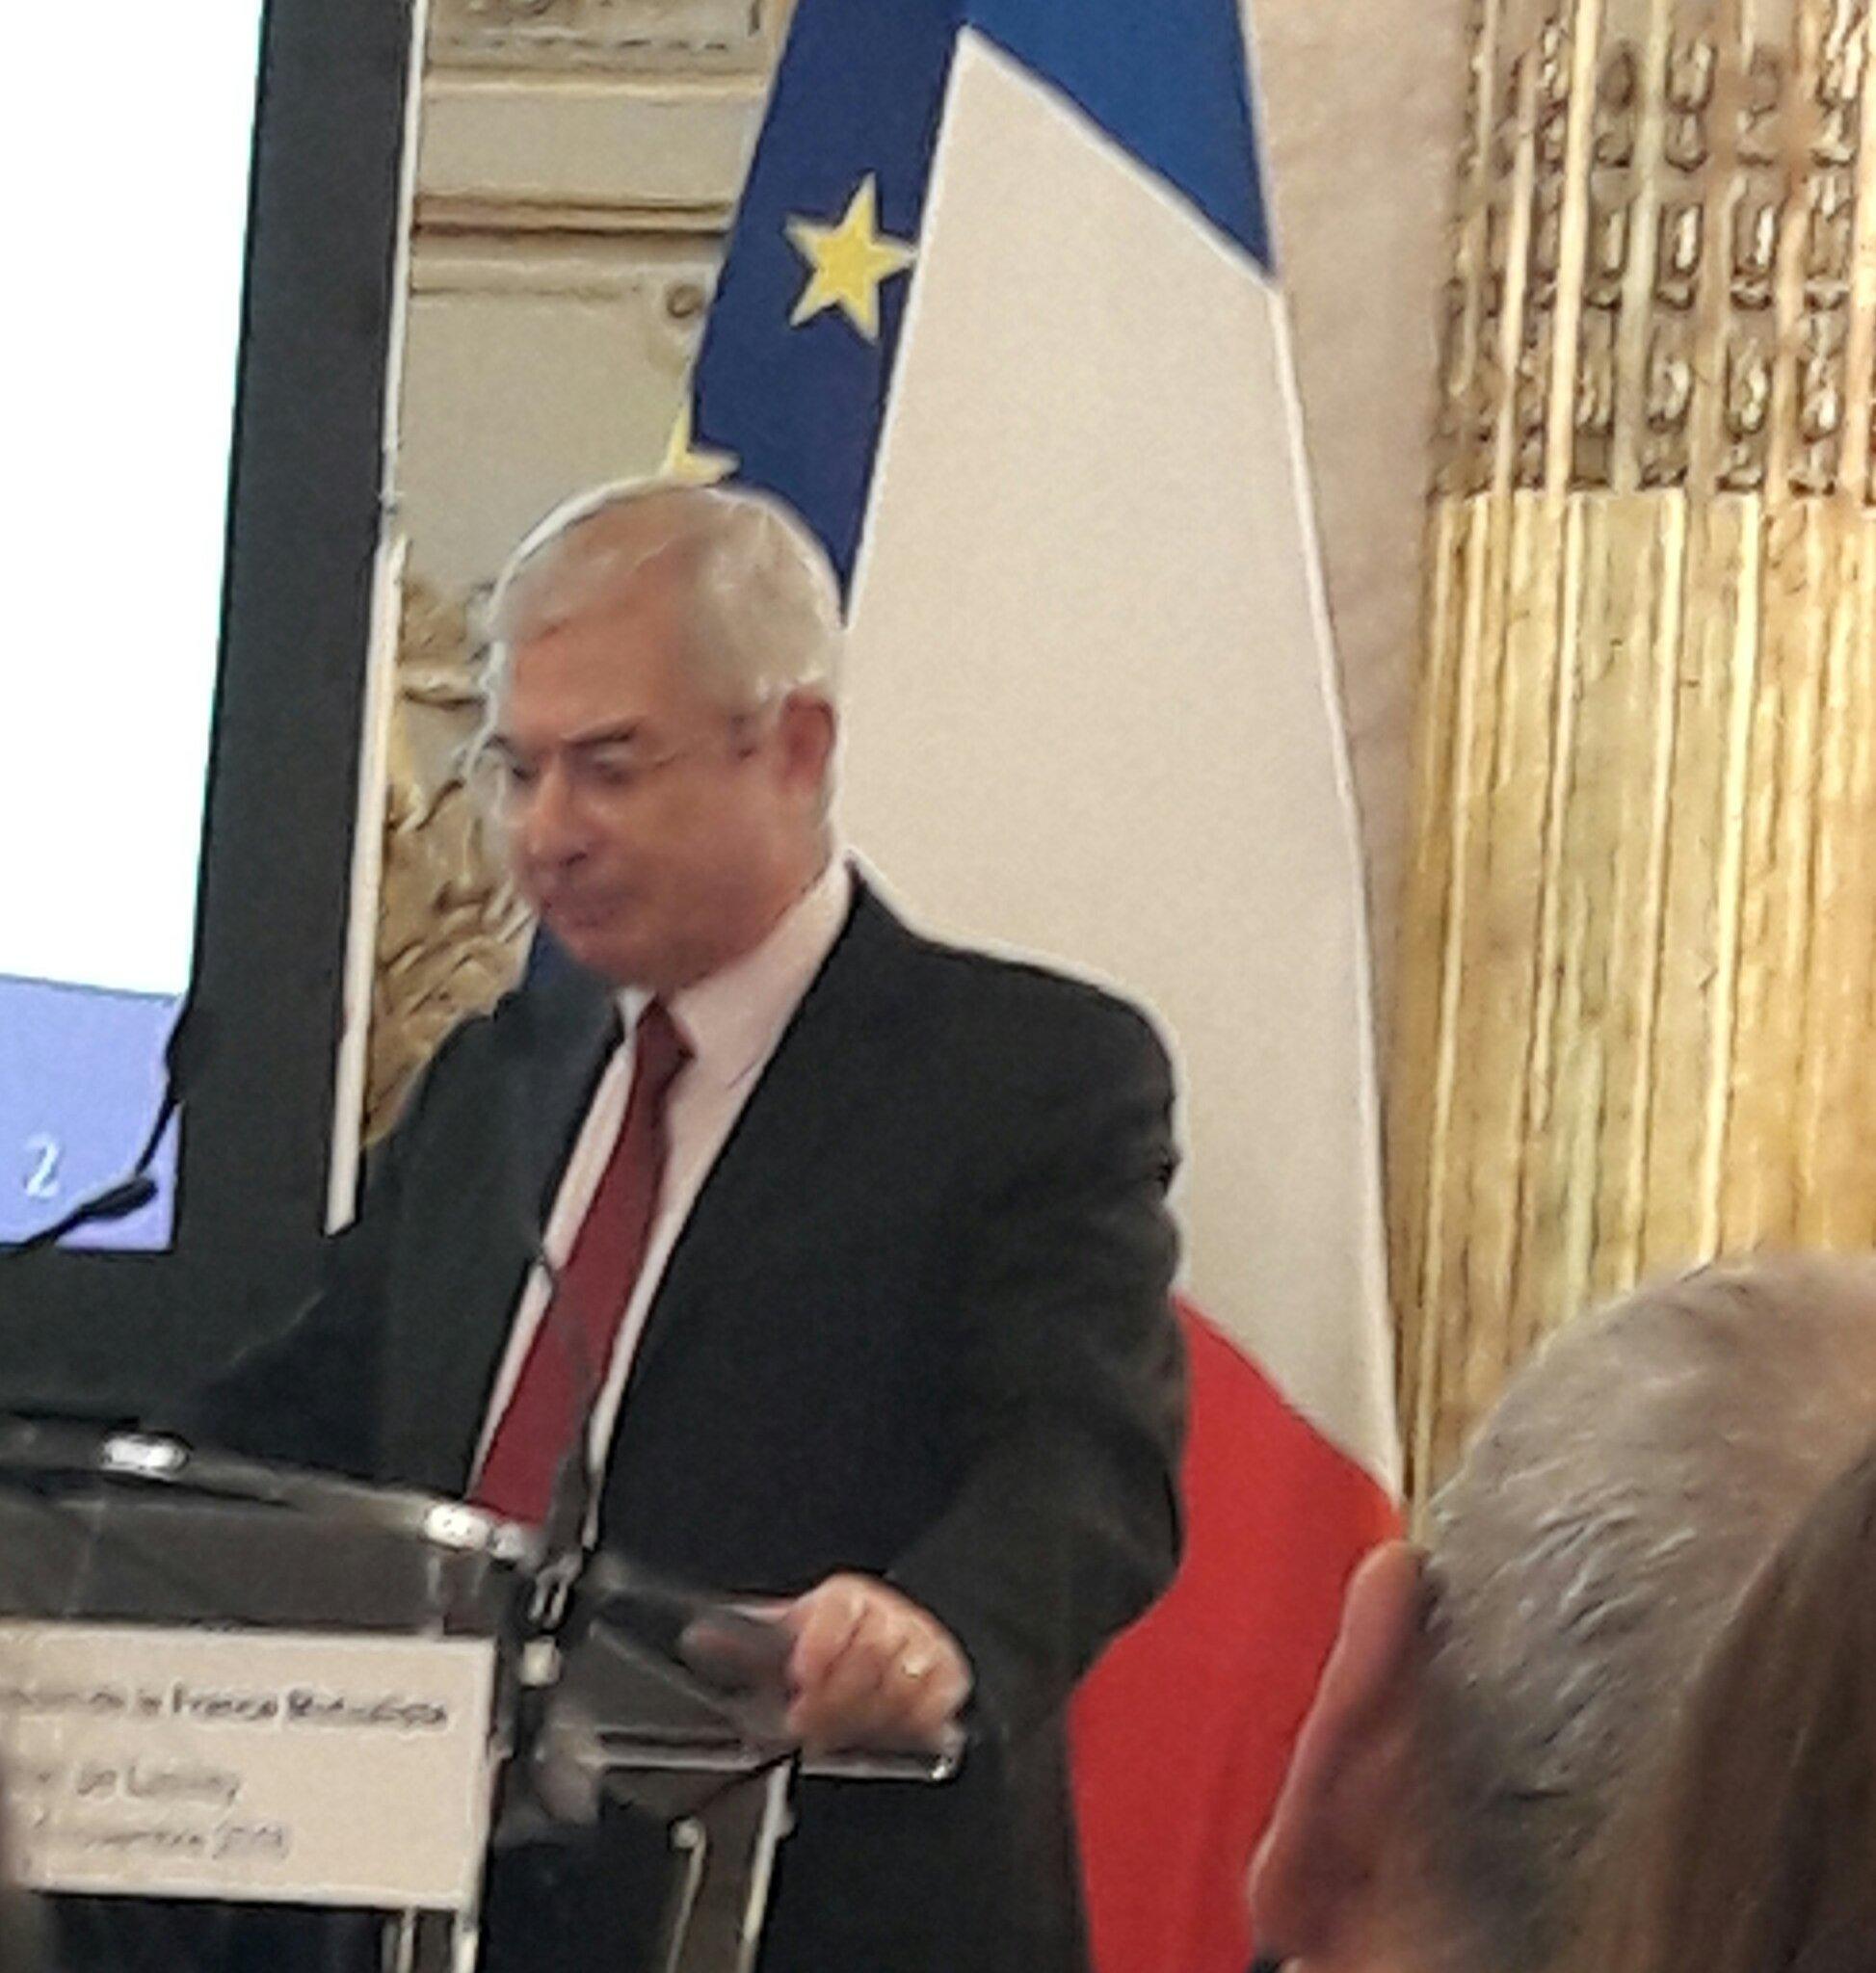 #prixgrandtemoin Inauguration par Claude Bartolone, président de l'Assemblée Nationale https://t.co/e7g5YRQVgD